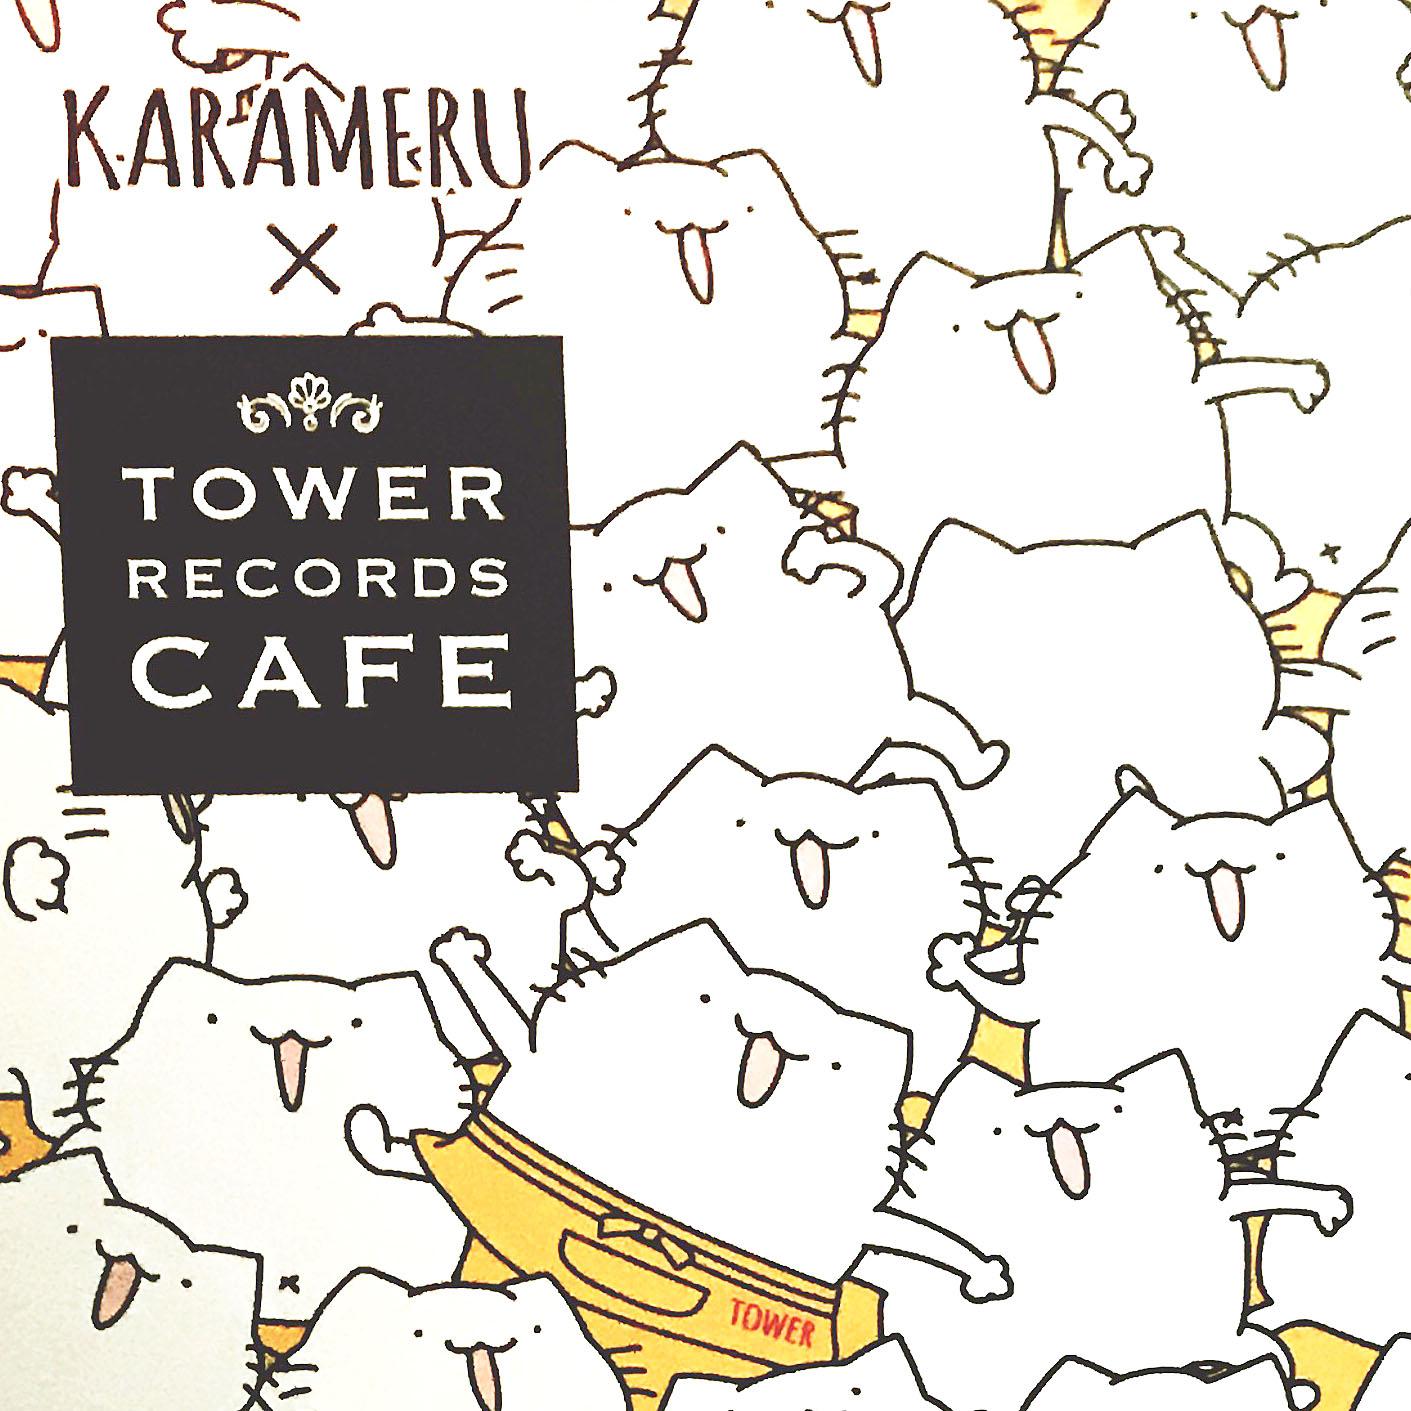 【ゆるさカンスト】大人気!からめる×タワレコのコラボカフェがついにOPEN!